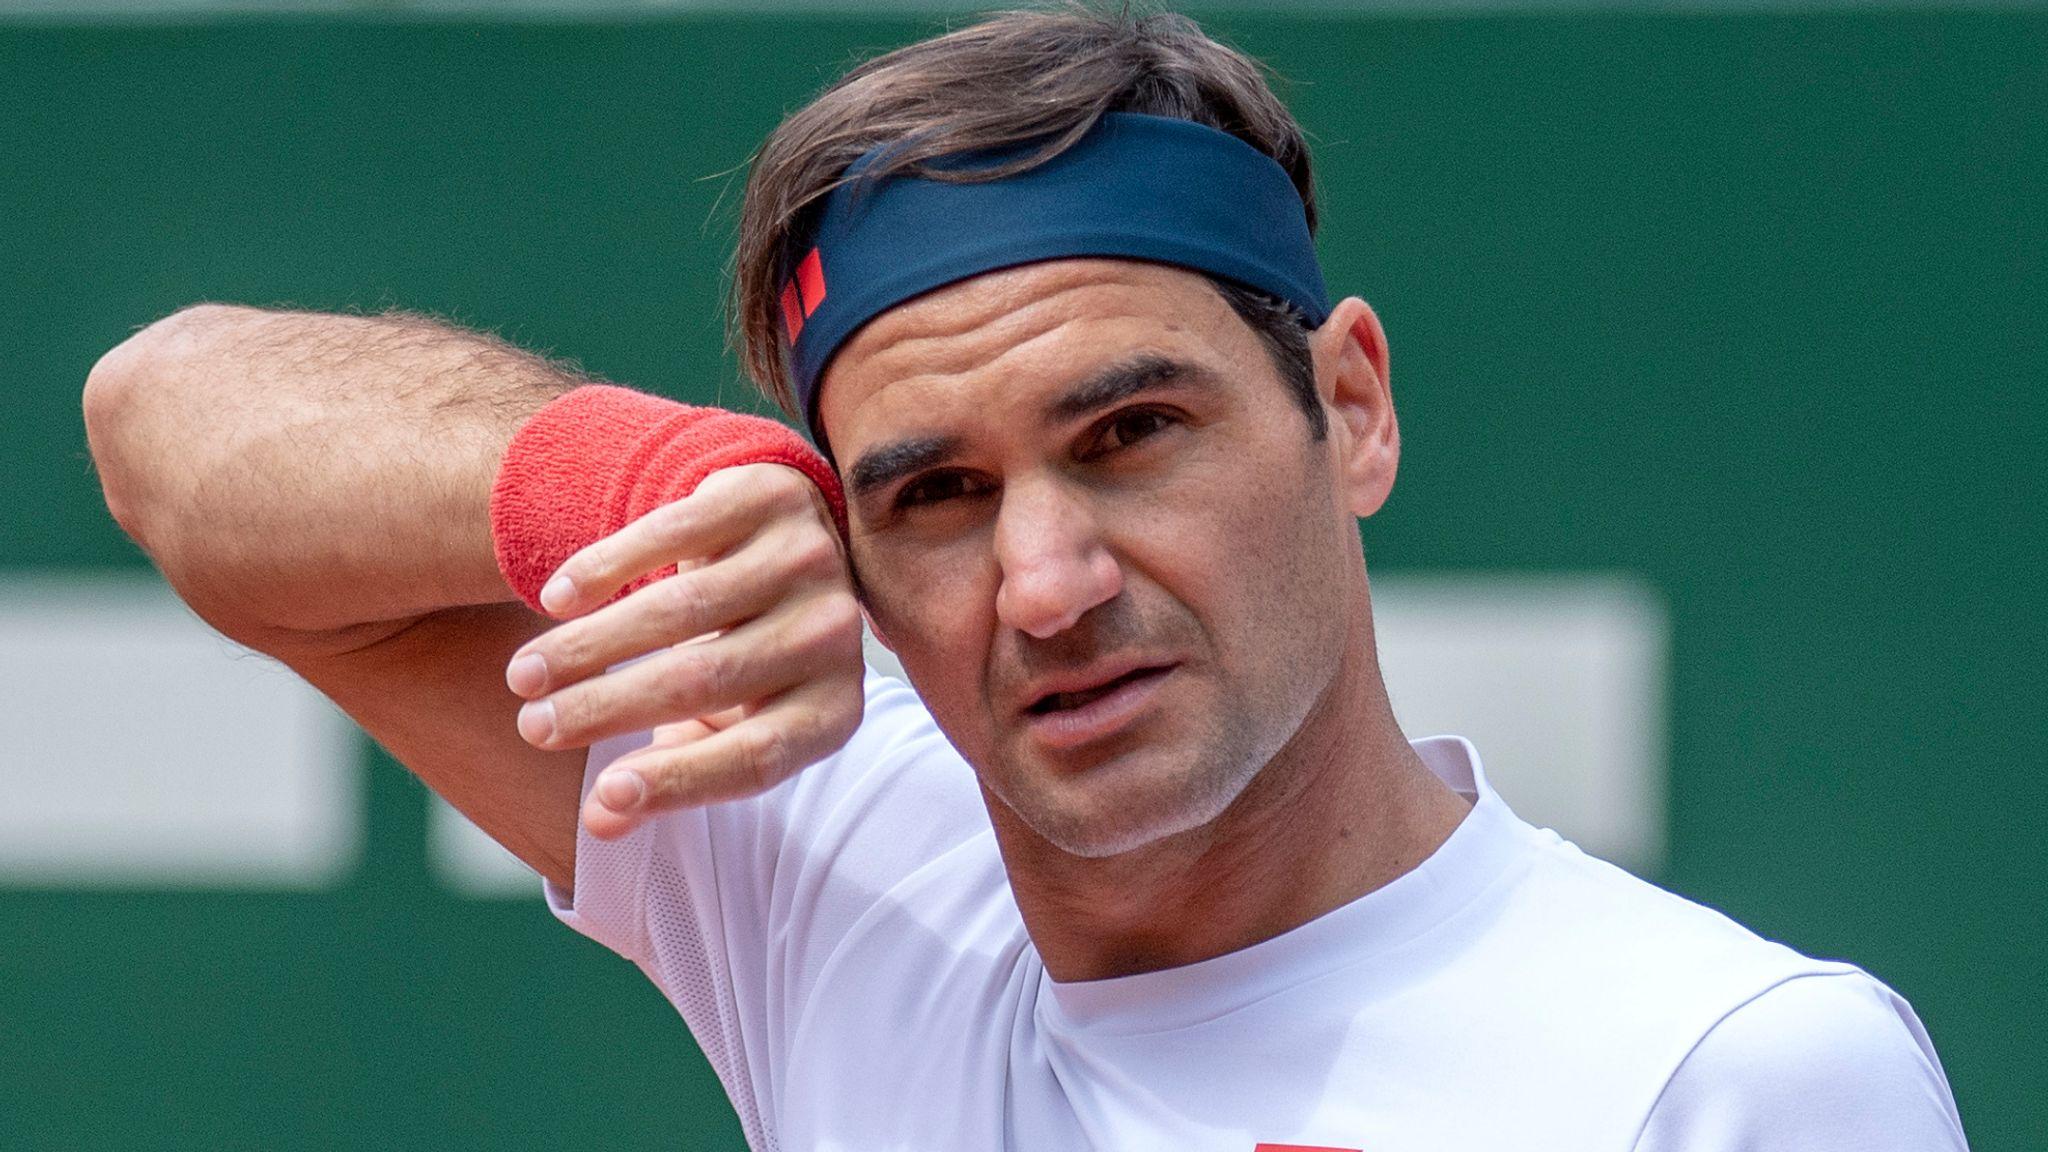 Federer mới chơi 13 trận trong năm nay. Anh sẽ tròn 40 tuổi vào 8/8. Ảnh: ATP